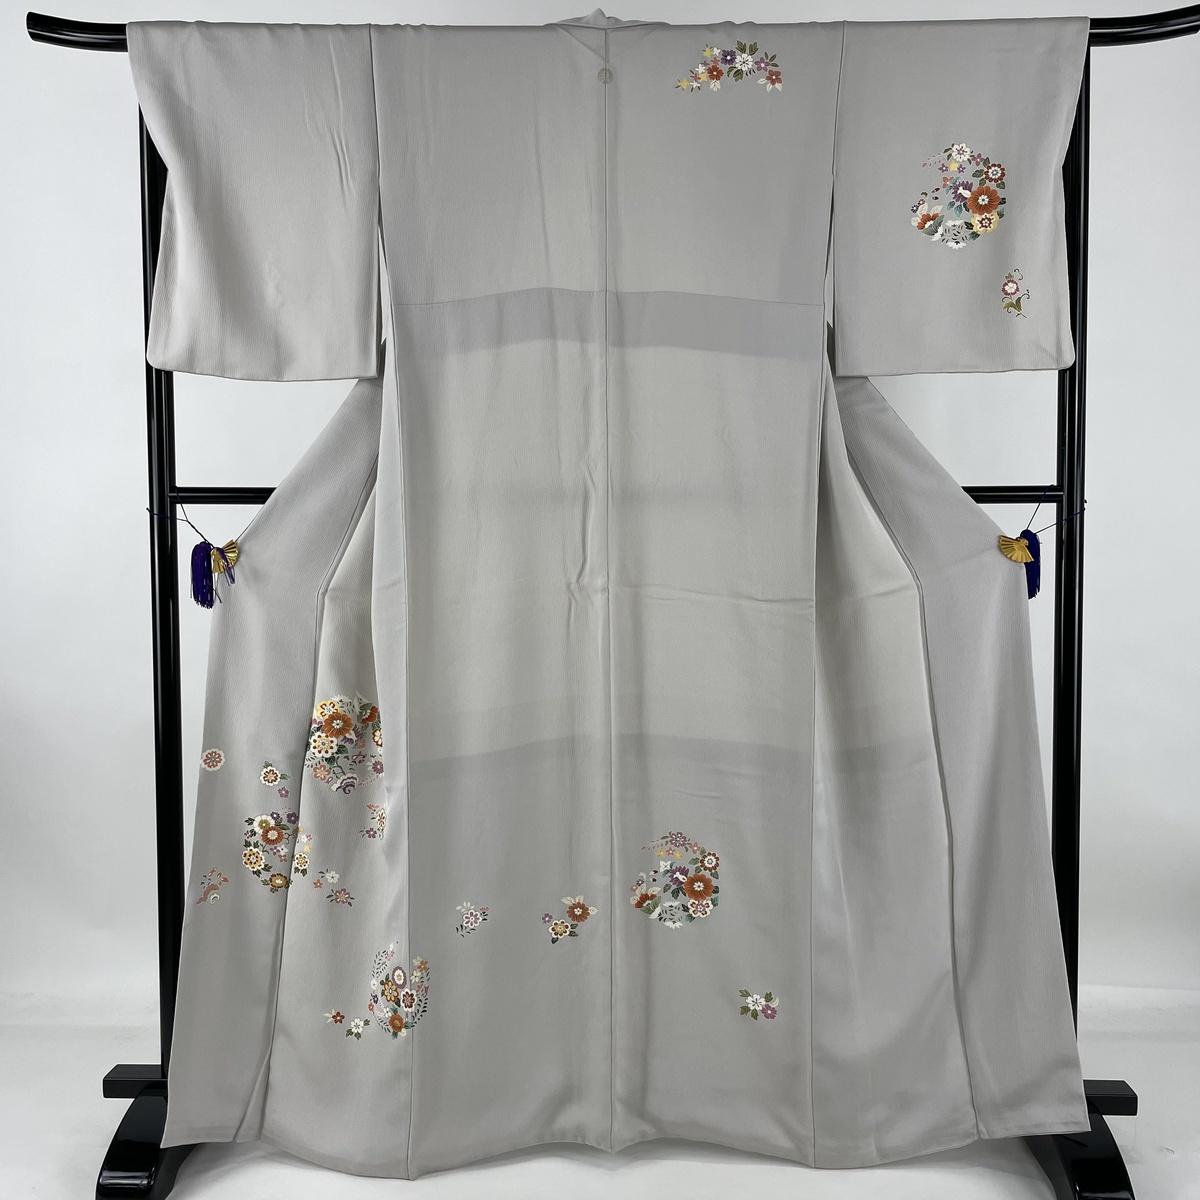 ランクA 着物 使い勝手の良い リサイクル 送料無料 付下げ 美品 値引き 秀品 一つ紋 花丸文 草花 67.5cm 164cm 金糸 中古 金彩 L 灰白 袷 正絹